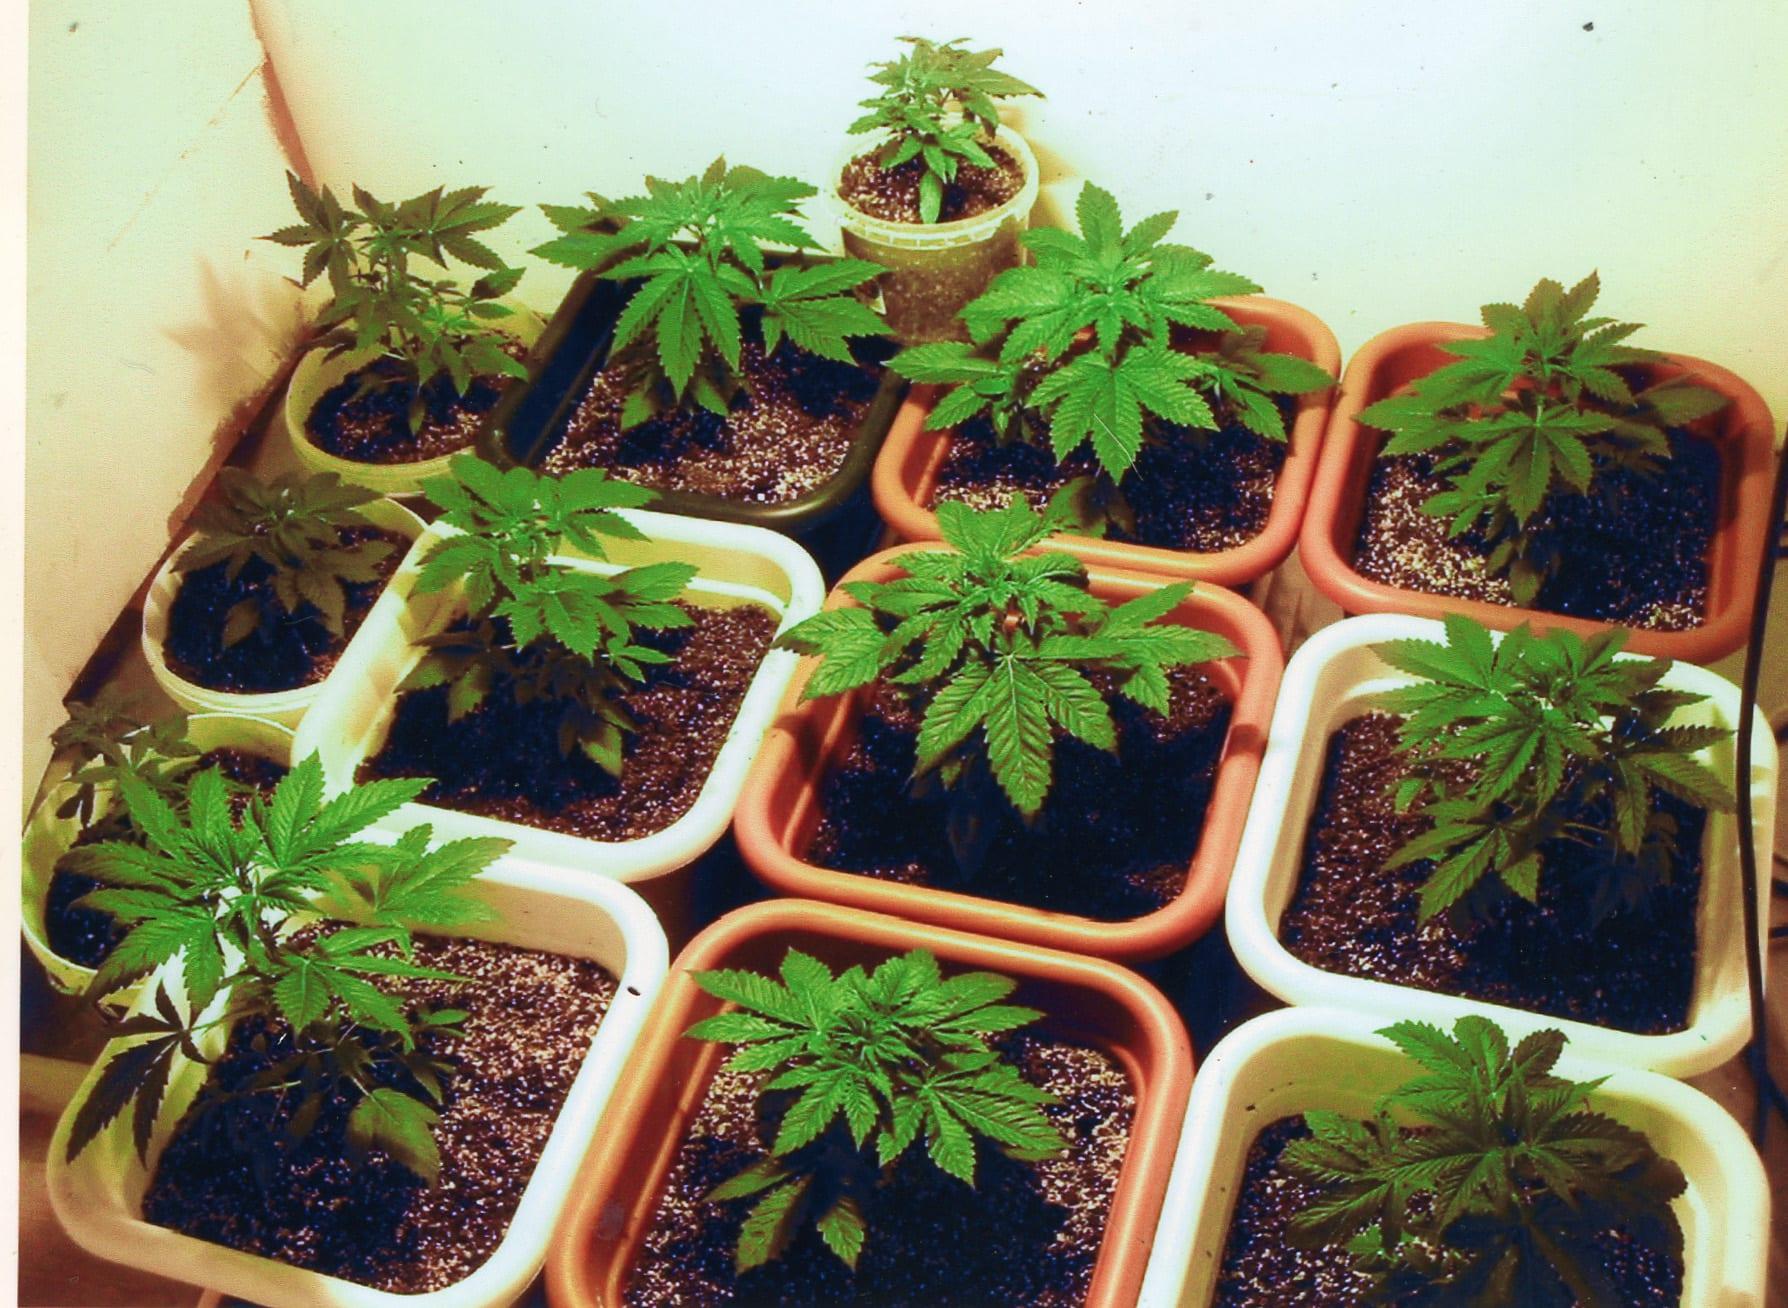 Drogas y Marihuana en el Reino Unido: Precio por comprar y la venta de cannabis